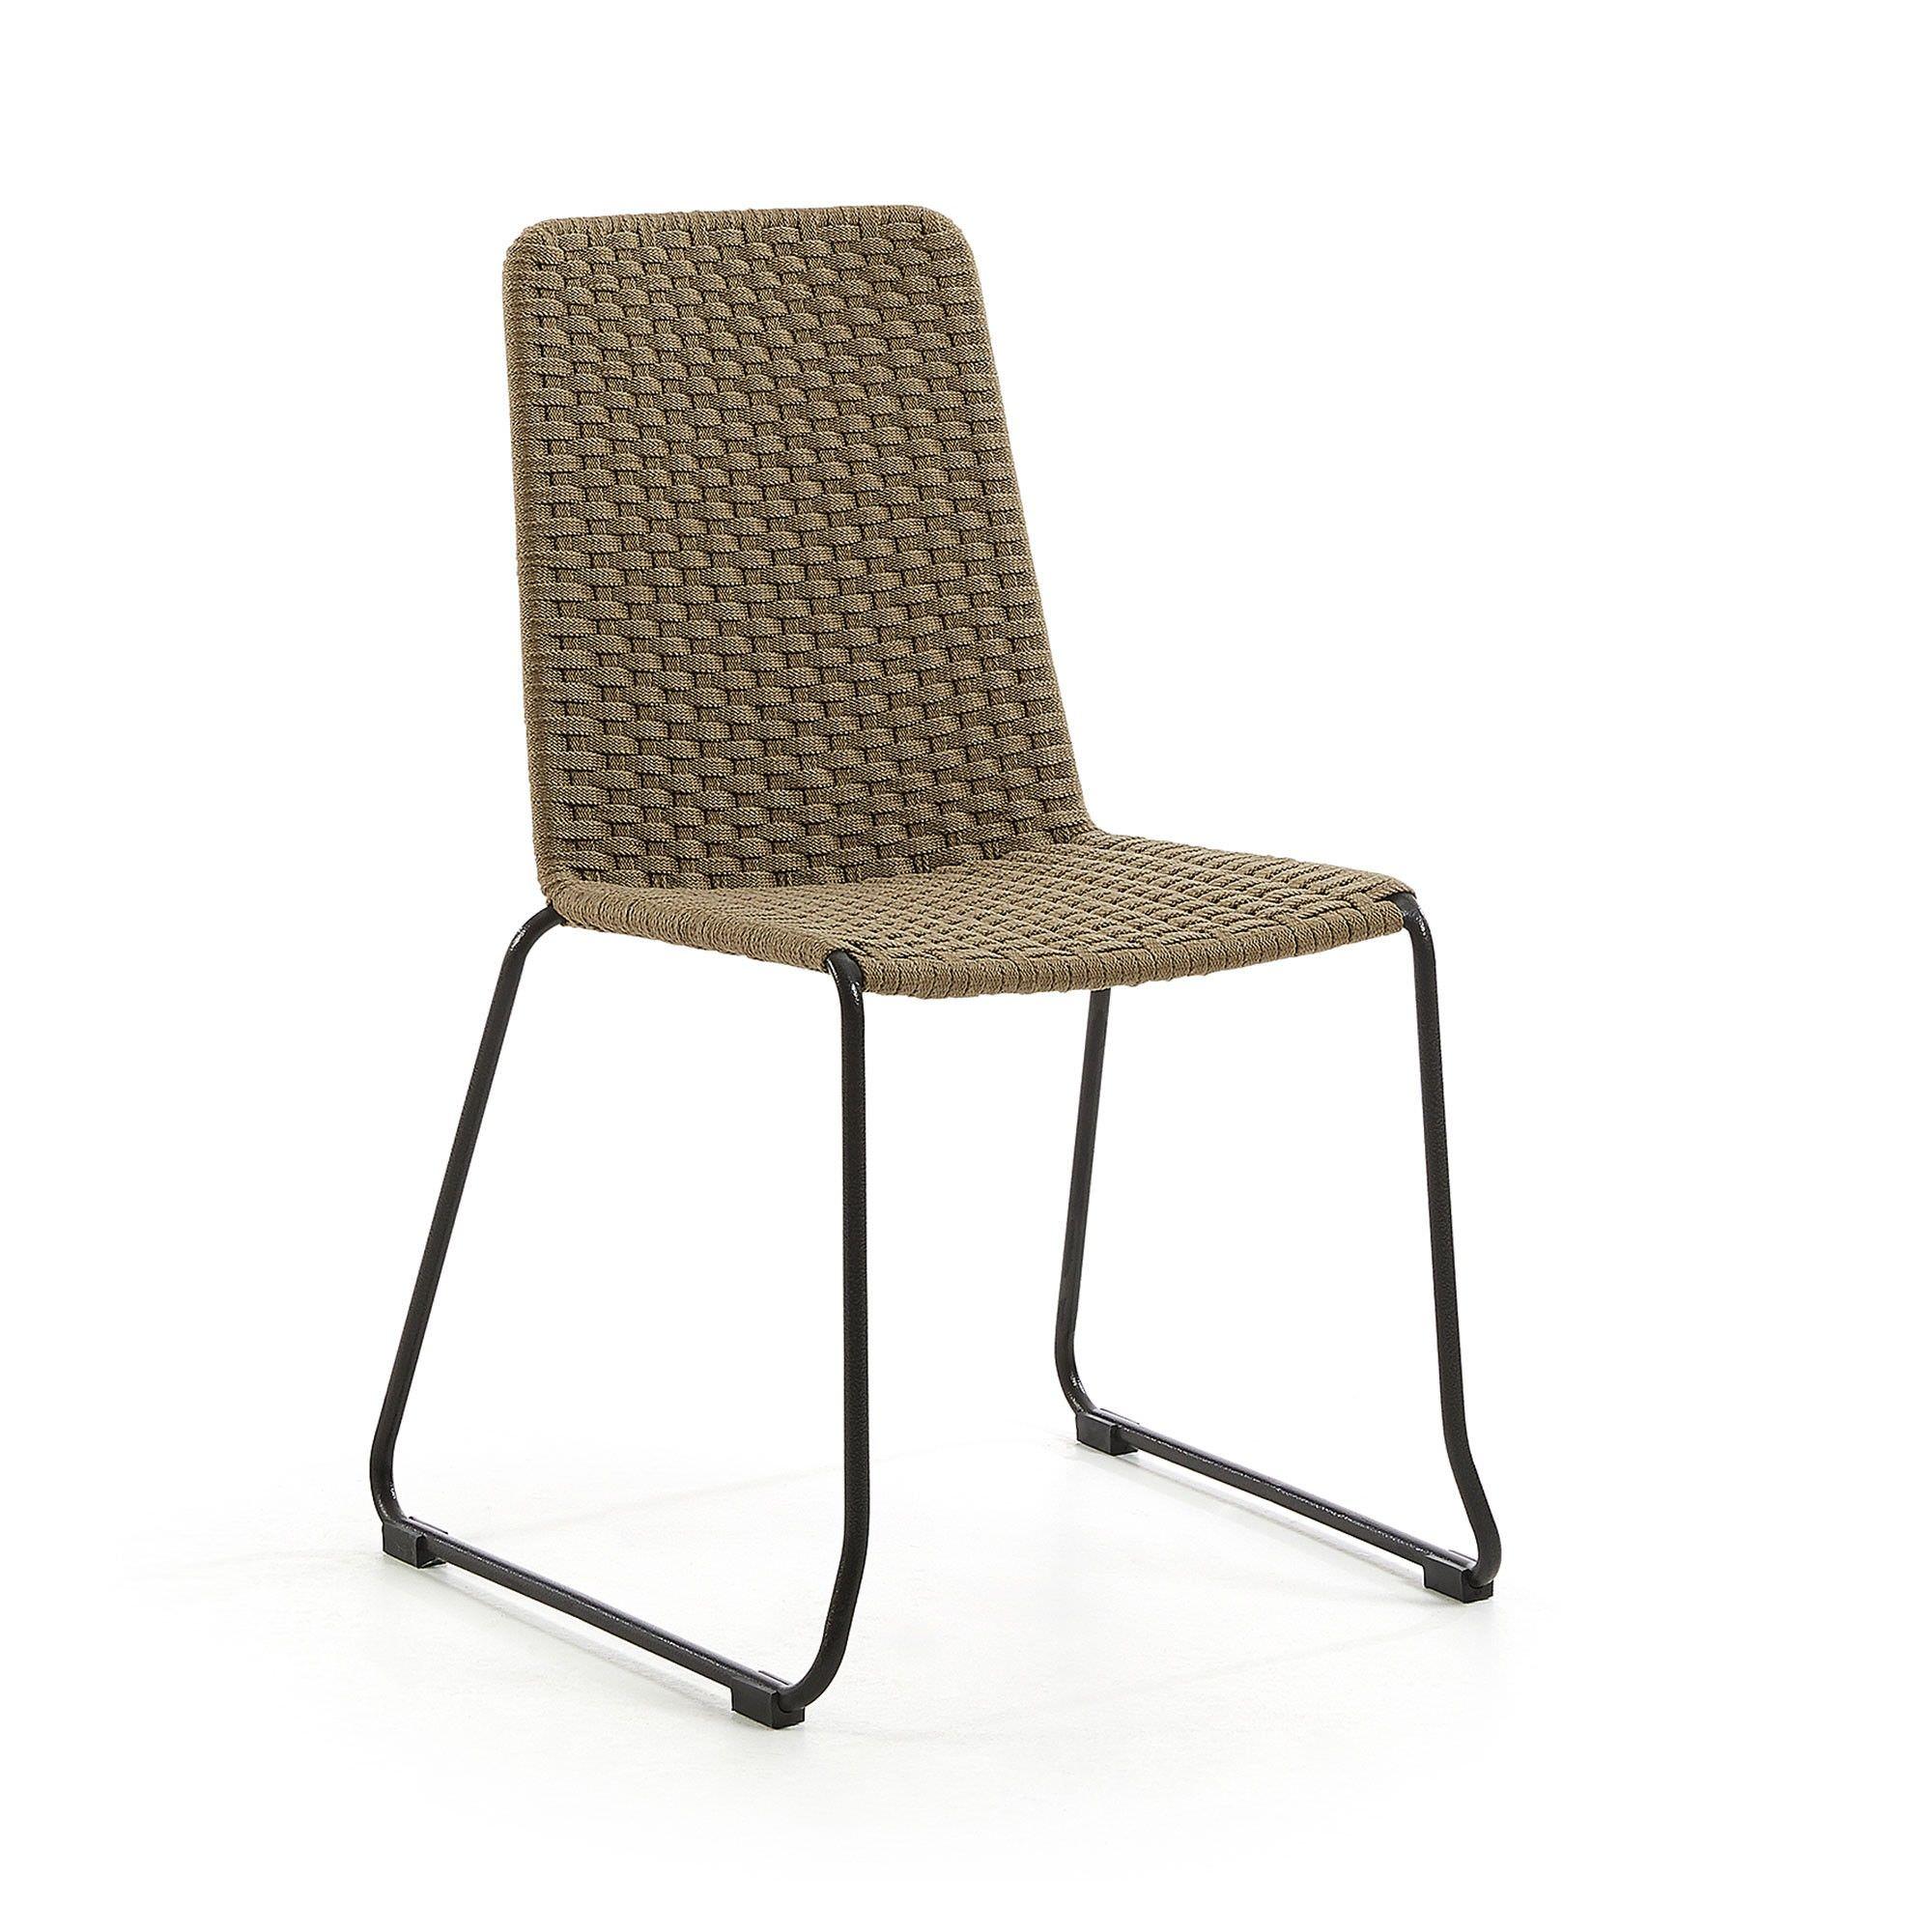 Merilyn Rope & Steel Indoor / Outdoor Dining Chair, Beige